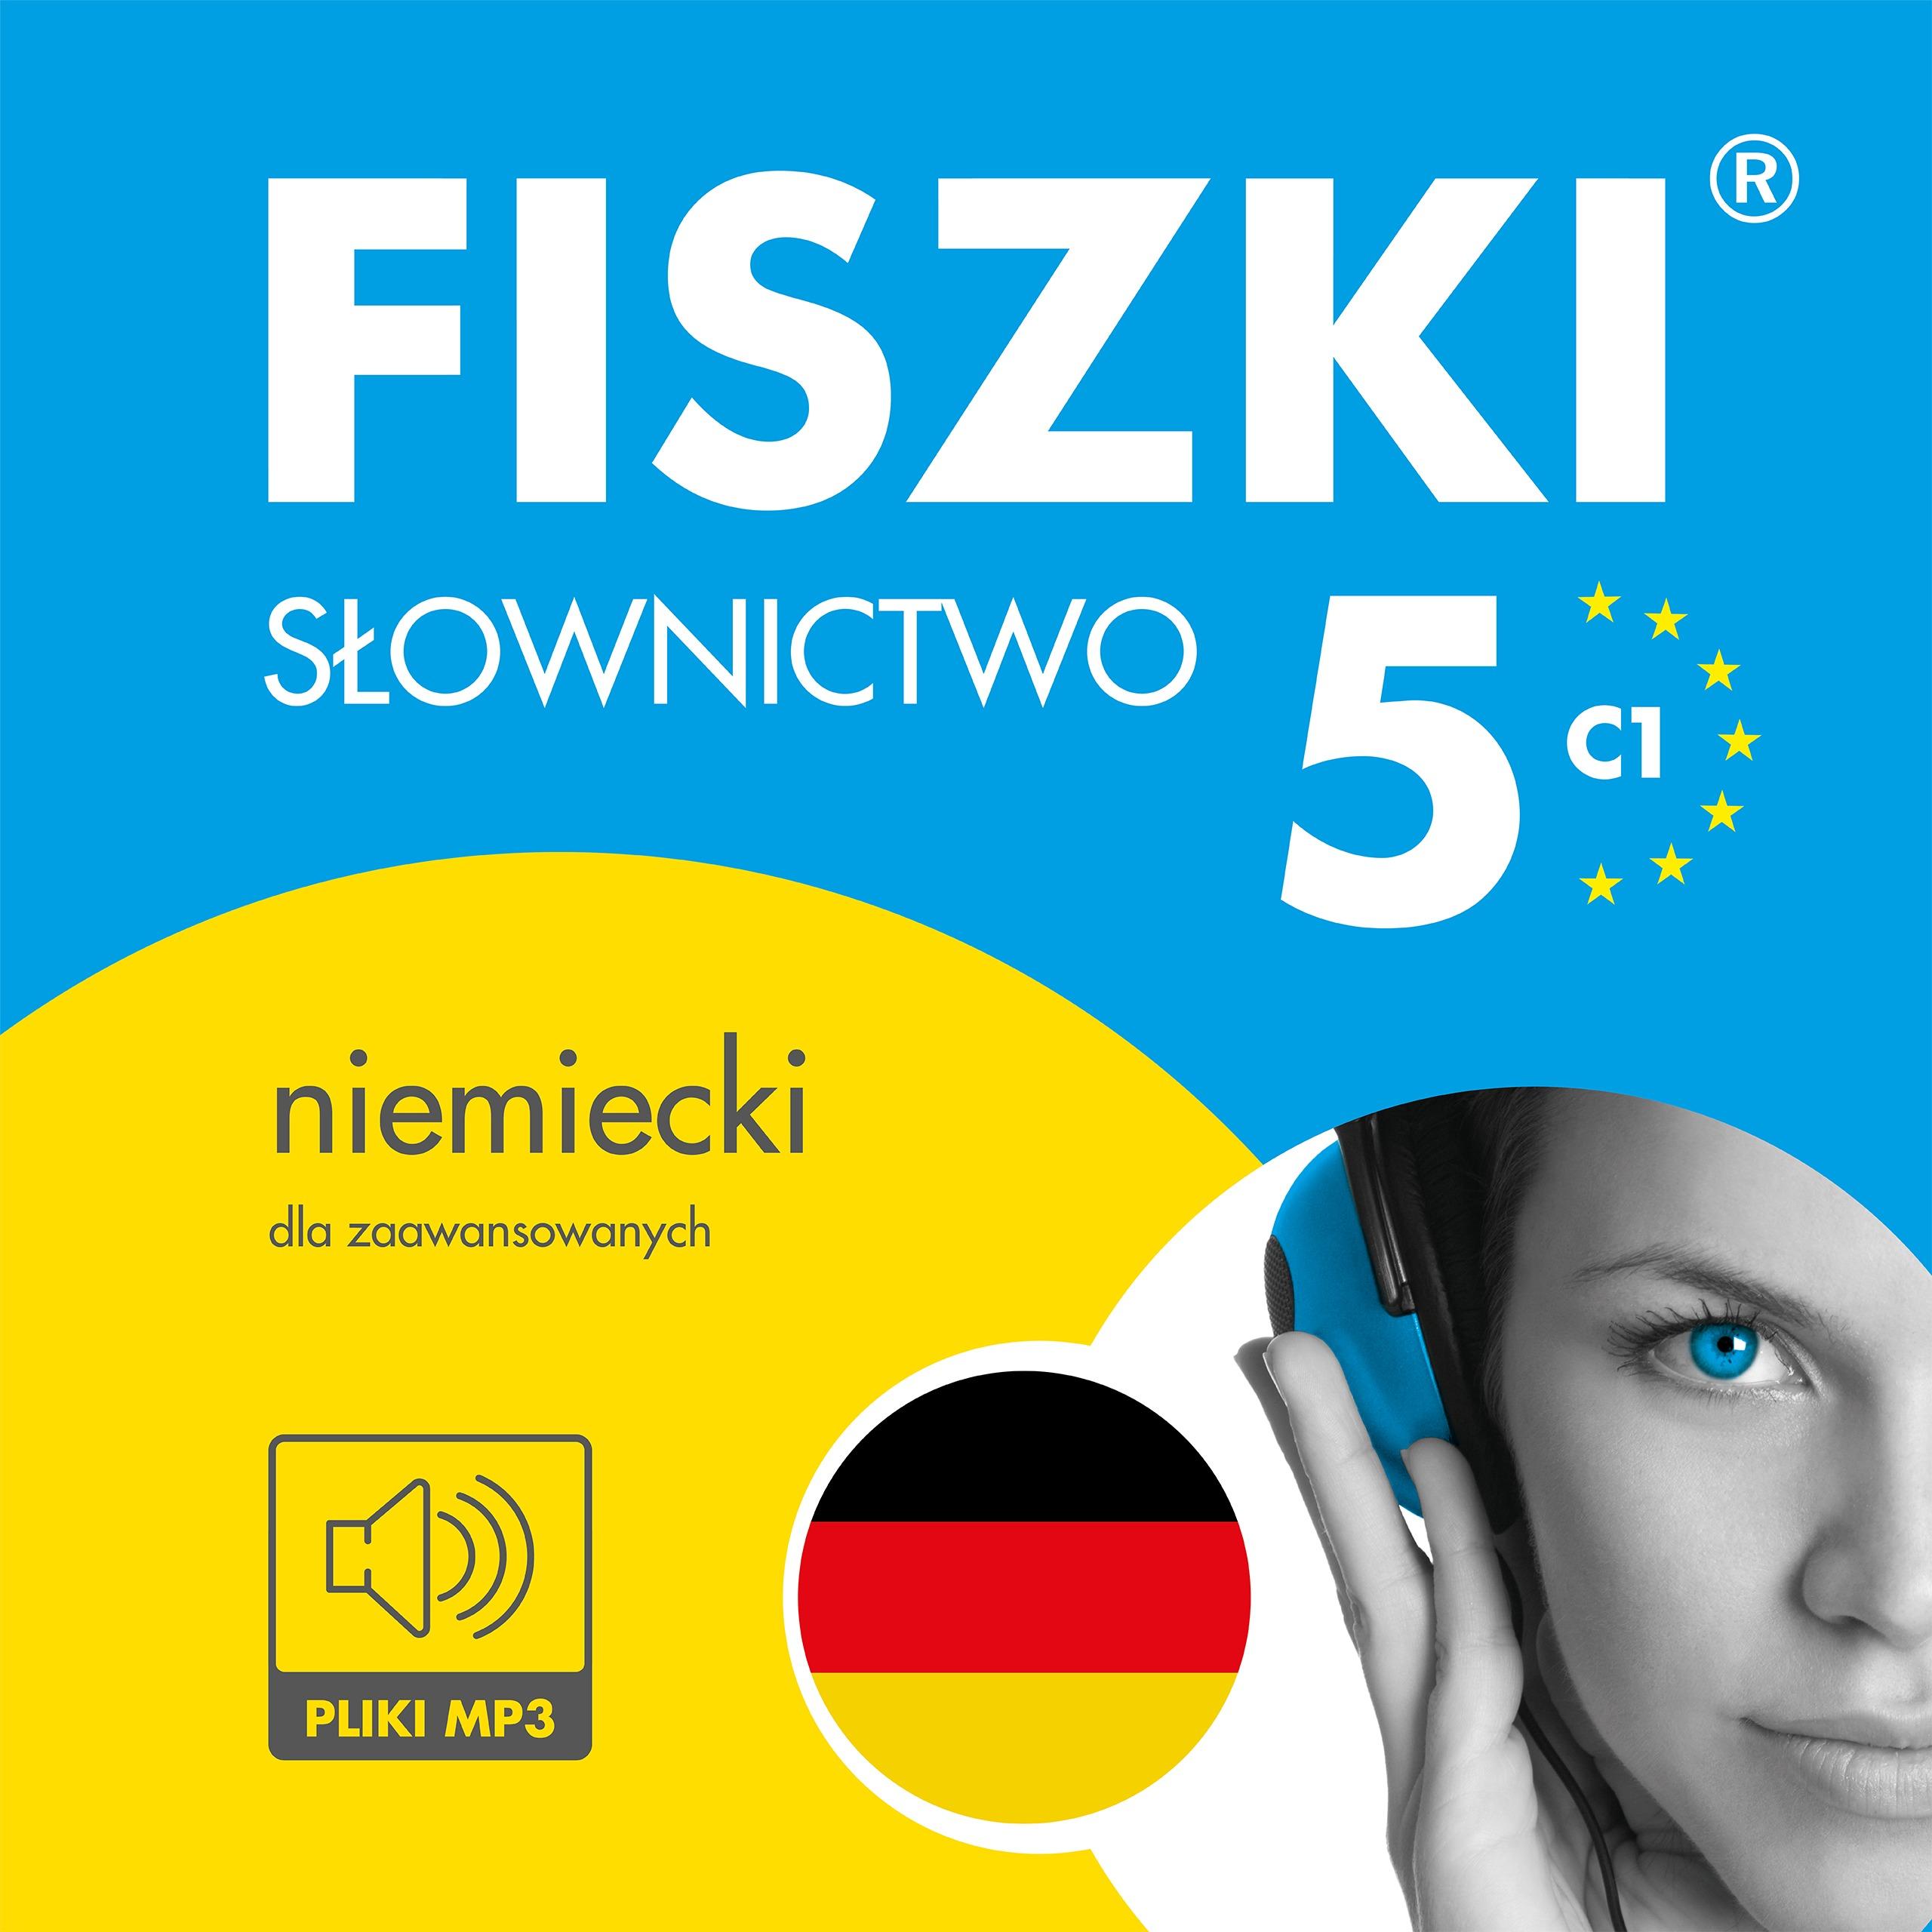 AUDIOBOOK - niemiecki - Słownictwo 5 (C1)